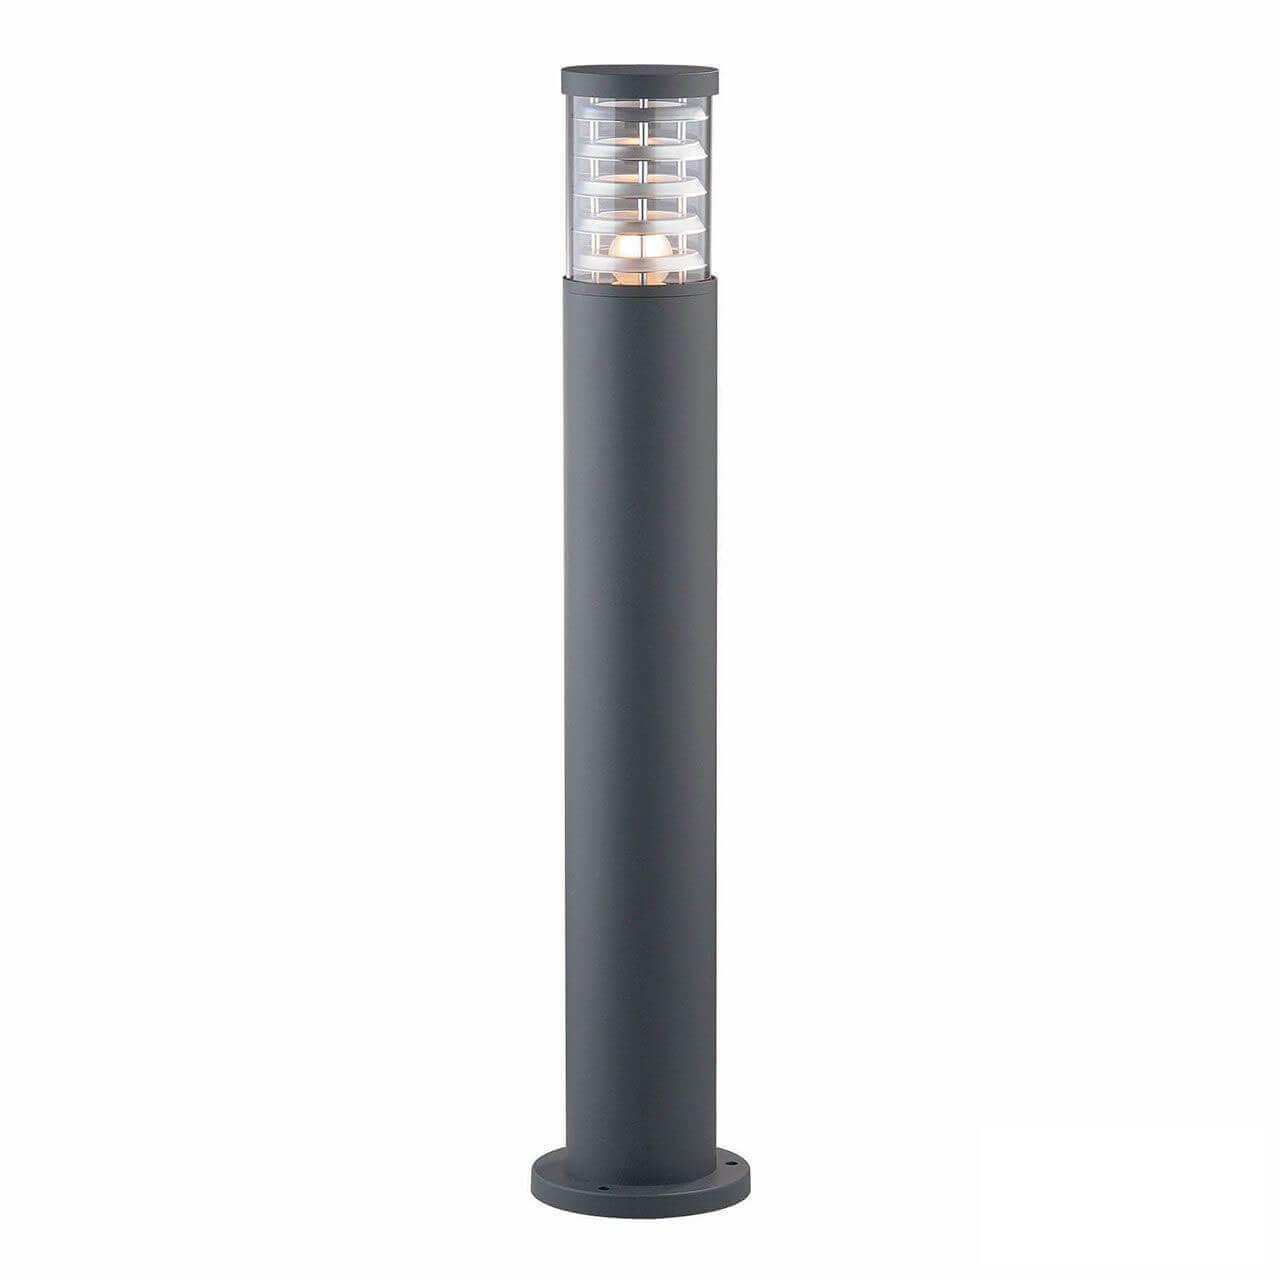 Уличный светильник Ideal Lux Tronco PT1 Big Antracite цена и фото